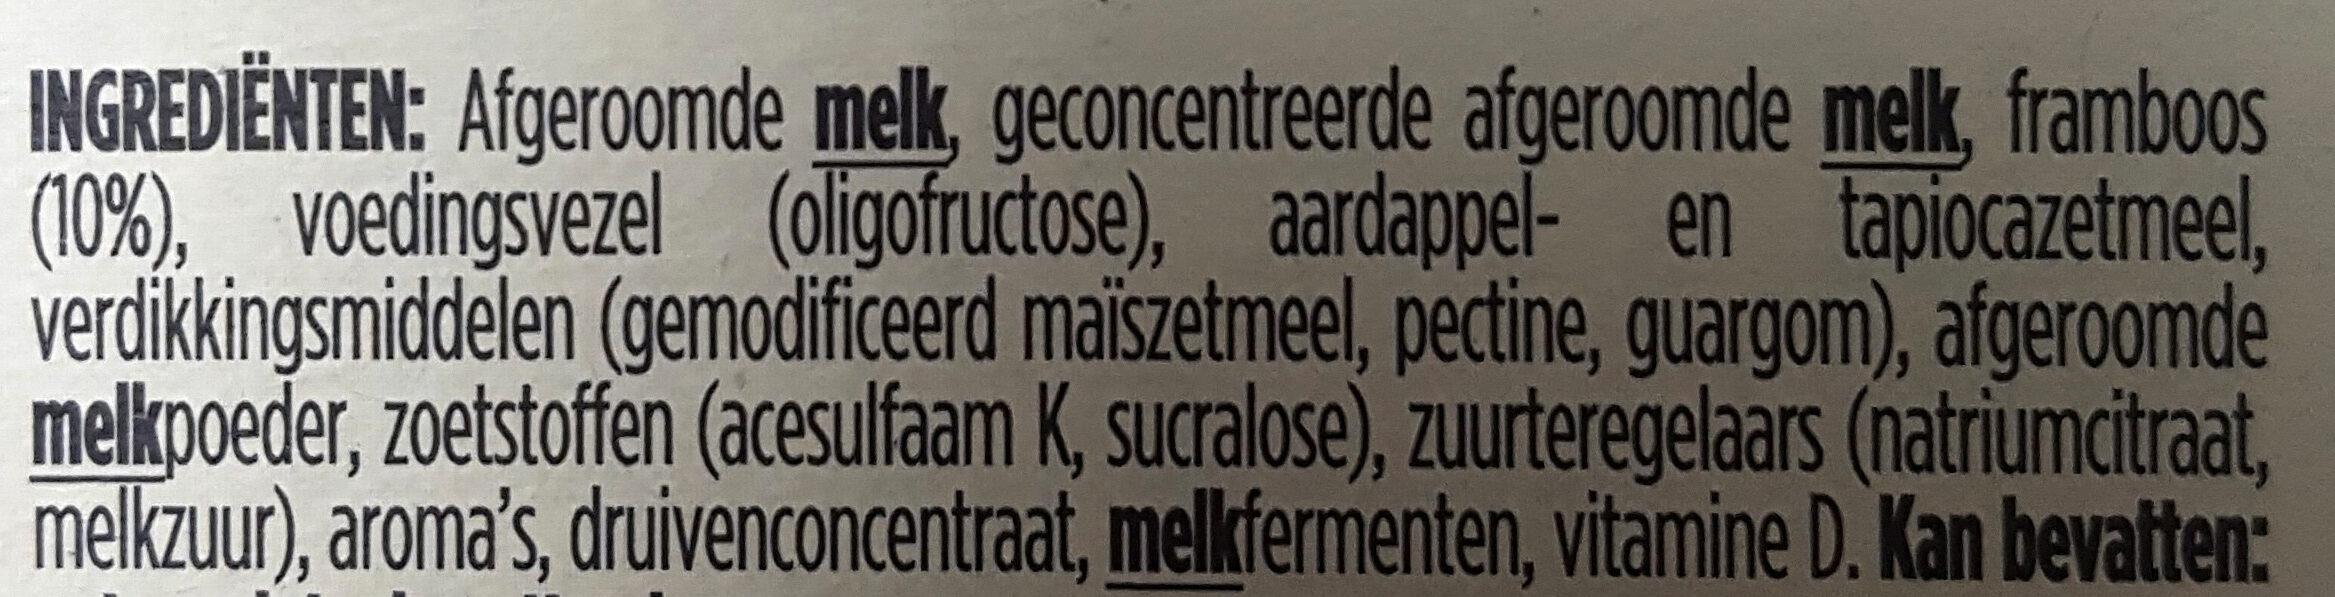 Yaourt Light & Free - Ingrediënten - nl